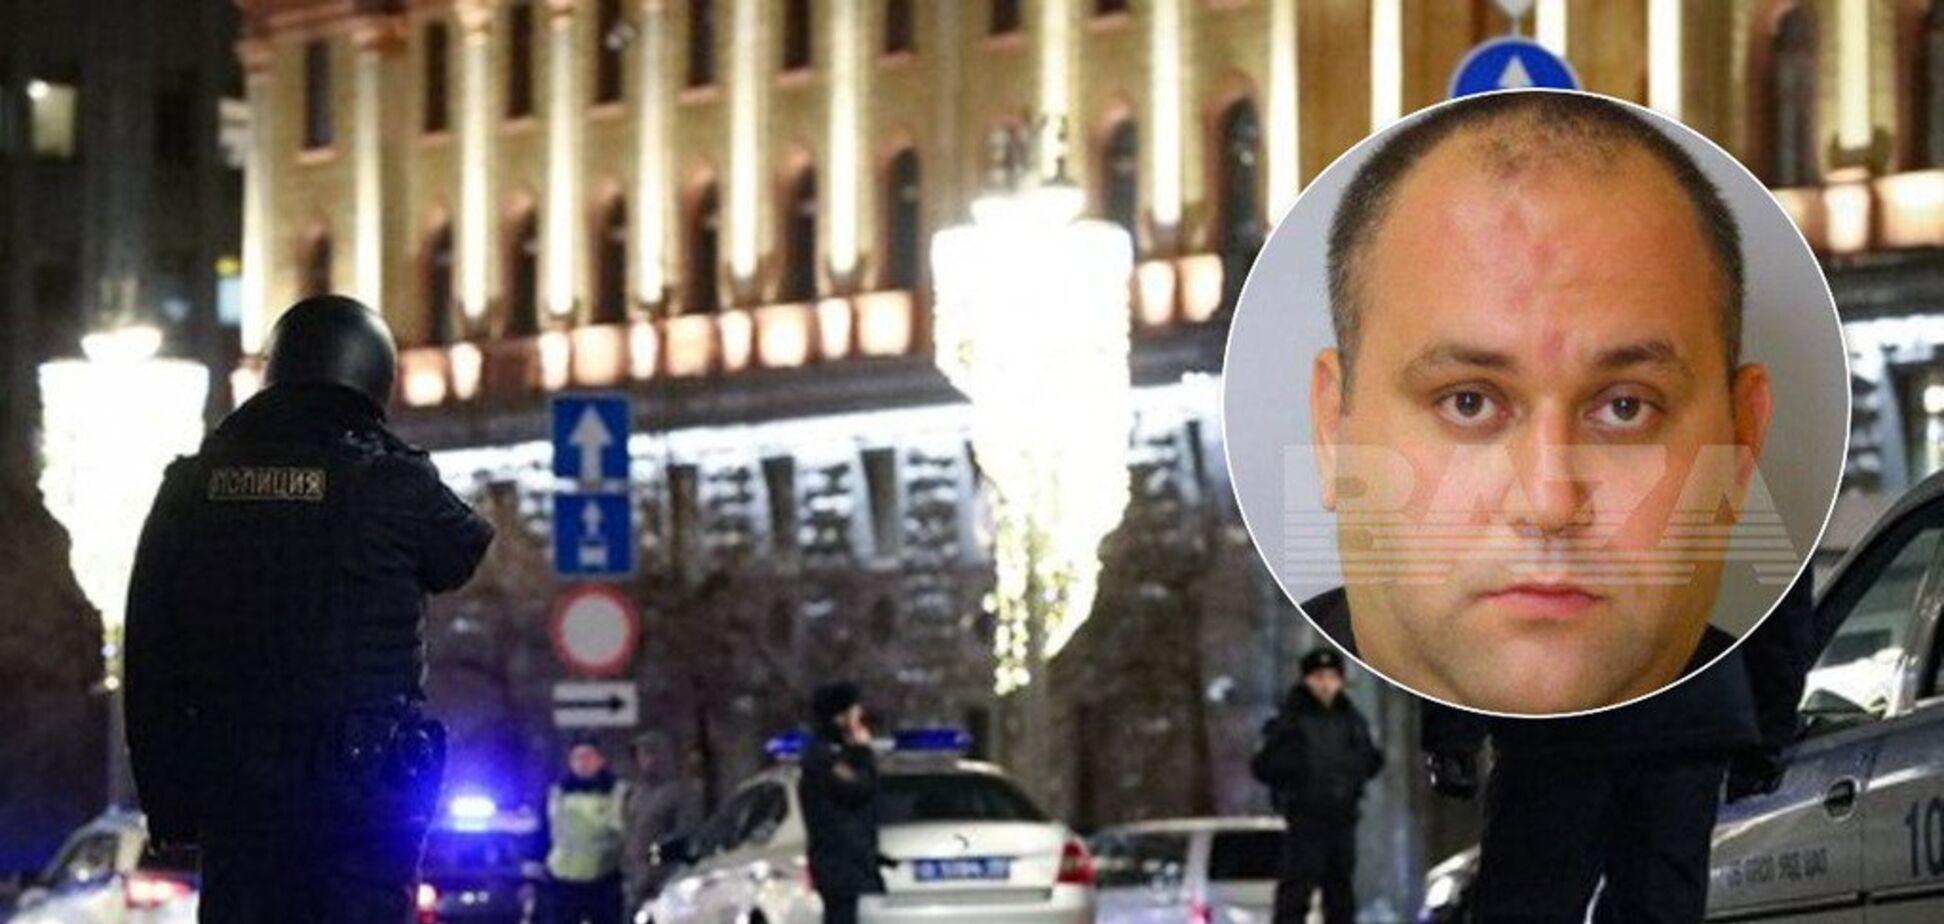 Говорил по-английски с арабами: стало известно о необычных связях стрелка из Москвы